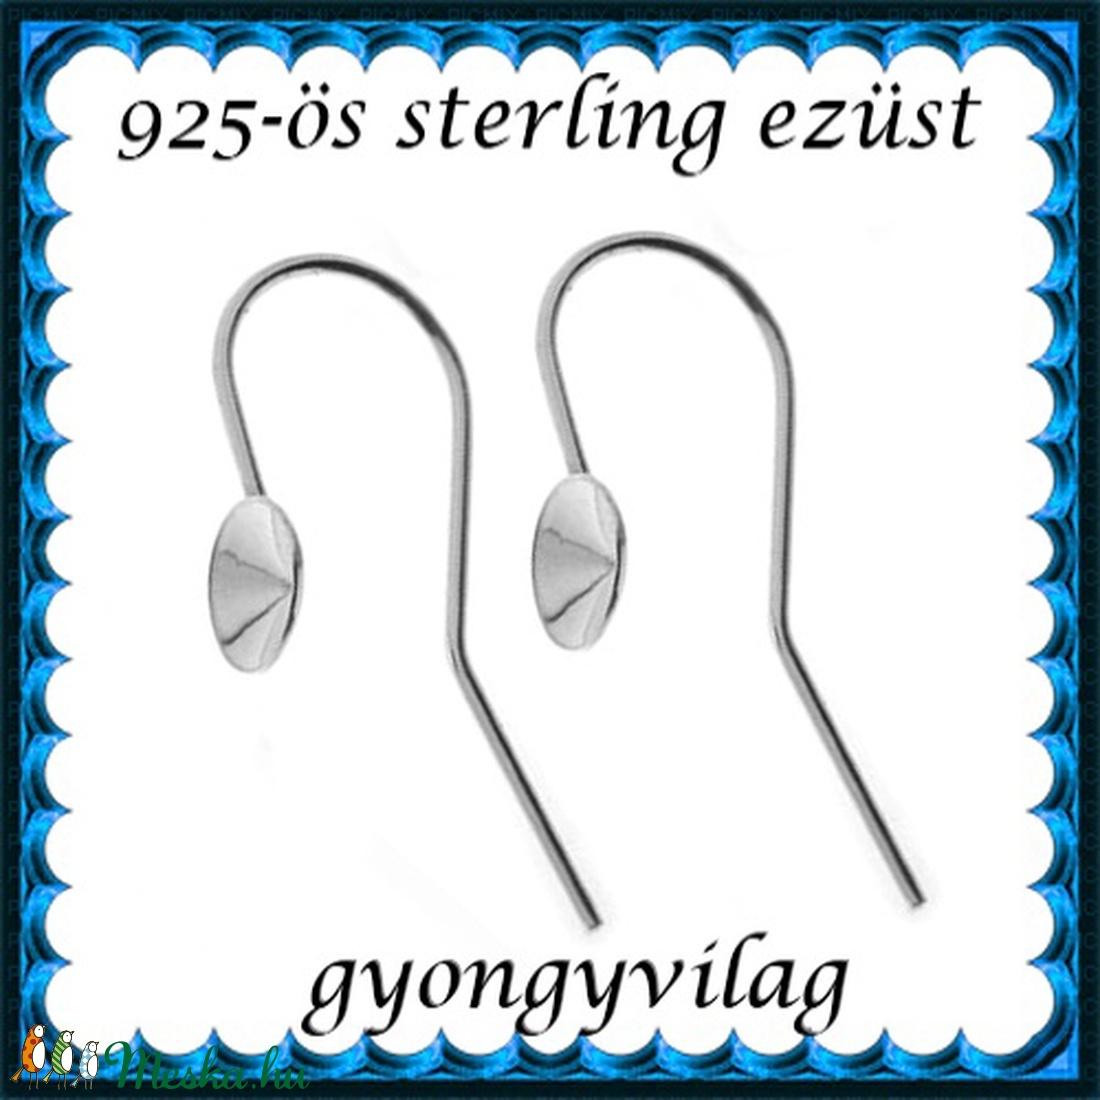 925-ös sterling ezüst ékszerkellék: fülbevalóalap akasztós EFK A 59-5 - gyöngy, ékszerkellék - egyéb alkatrész - Meska.hu